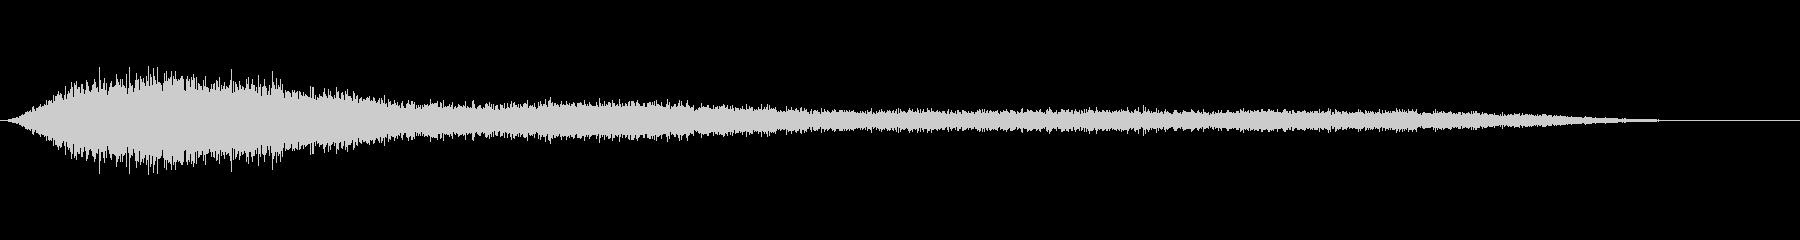 ドローンエリーシンバルパッドショート1の未再生の波形